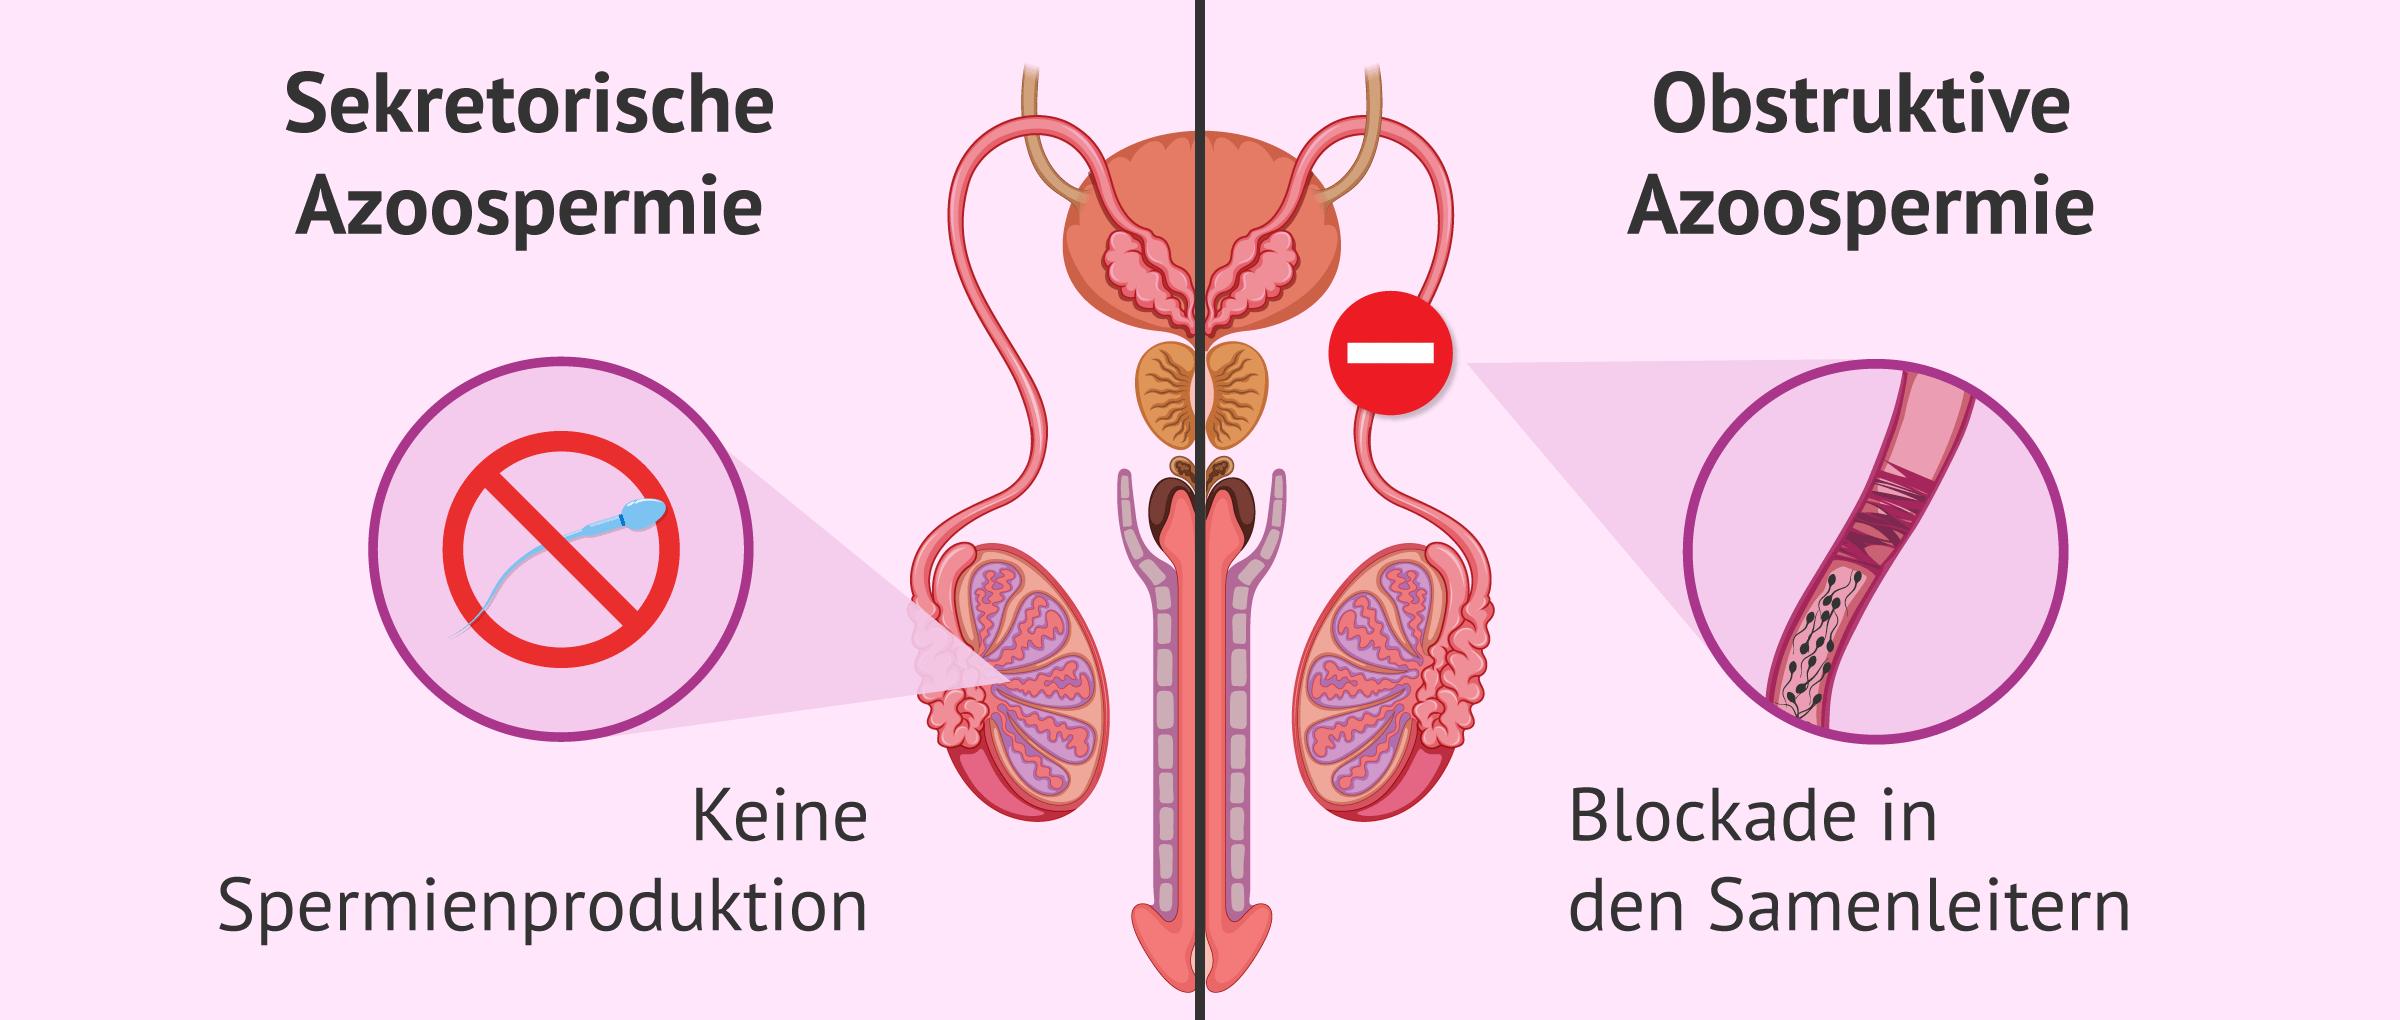 Unterschied zwischen Typen von Azoospermie